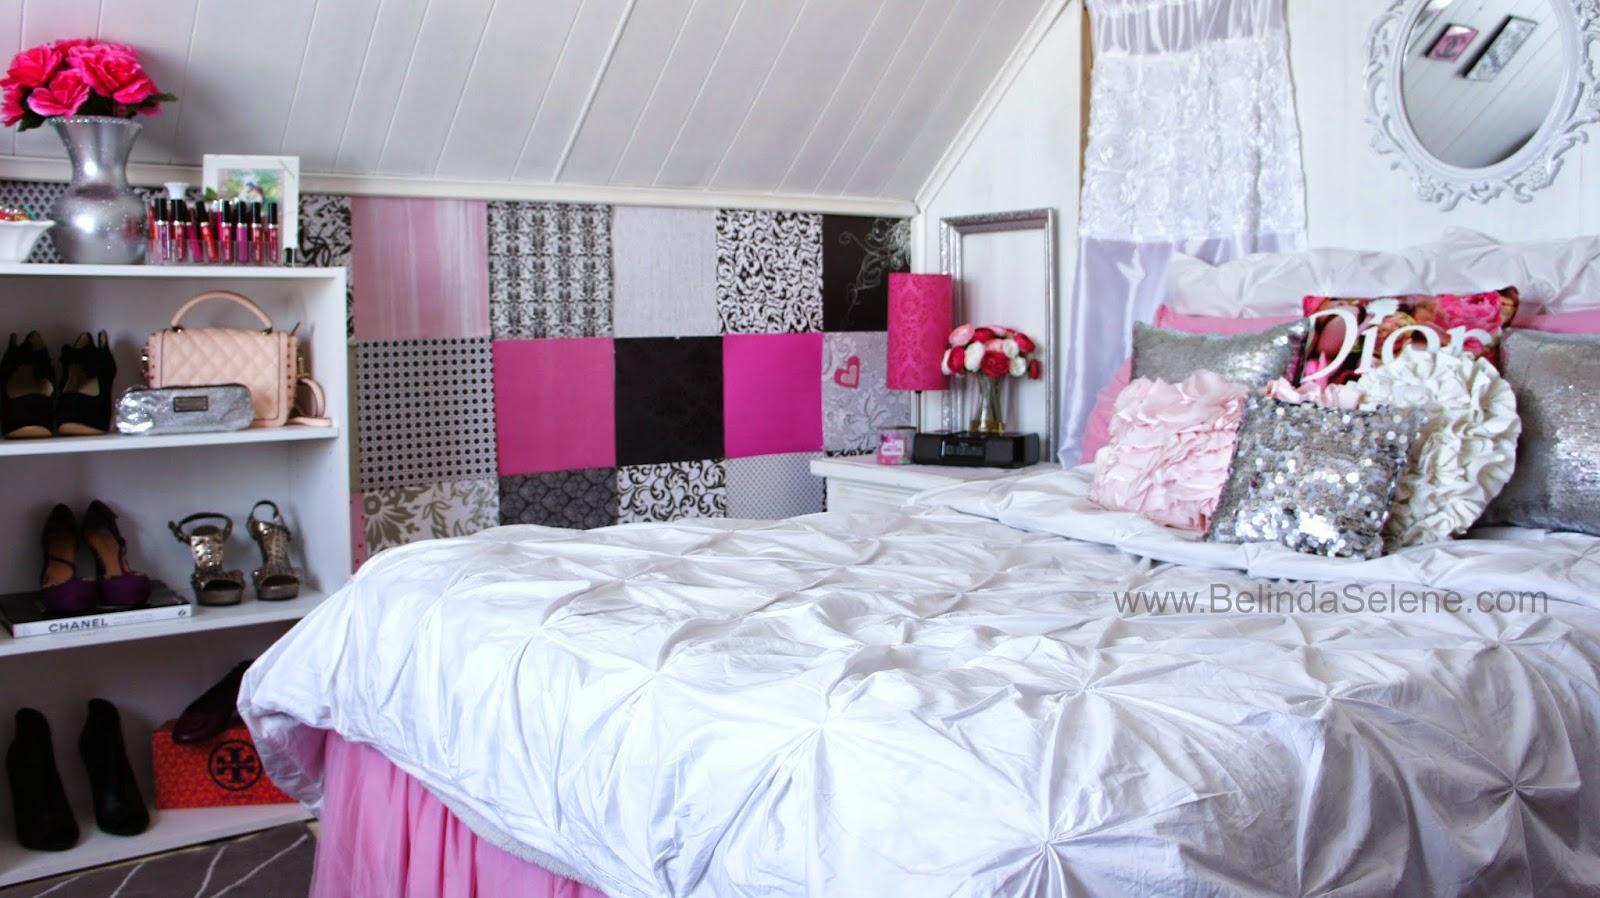 Belindaselene modern shabby chic room tour for Small room tour